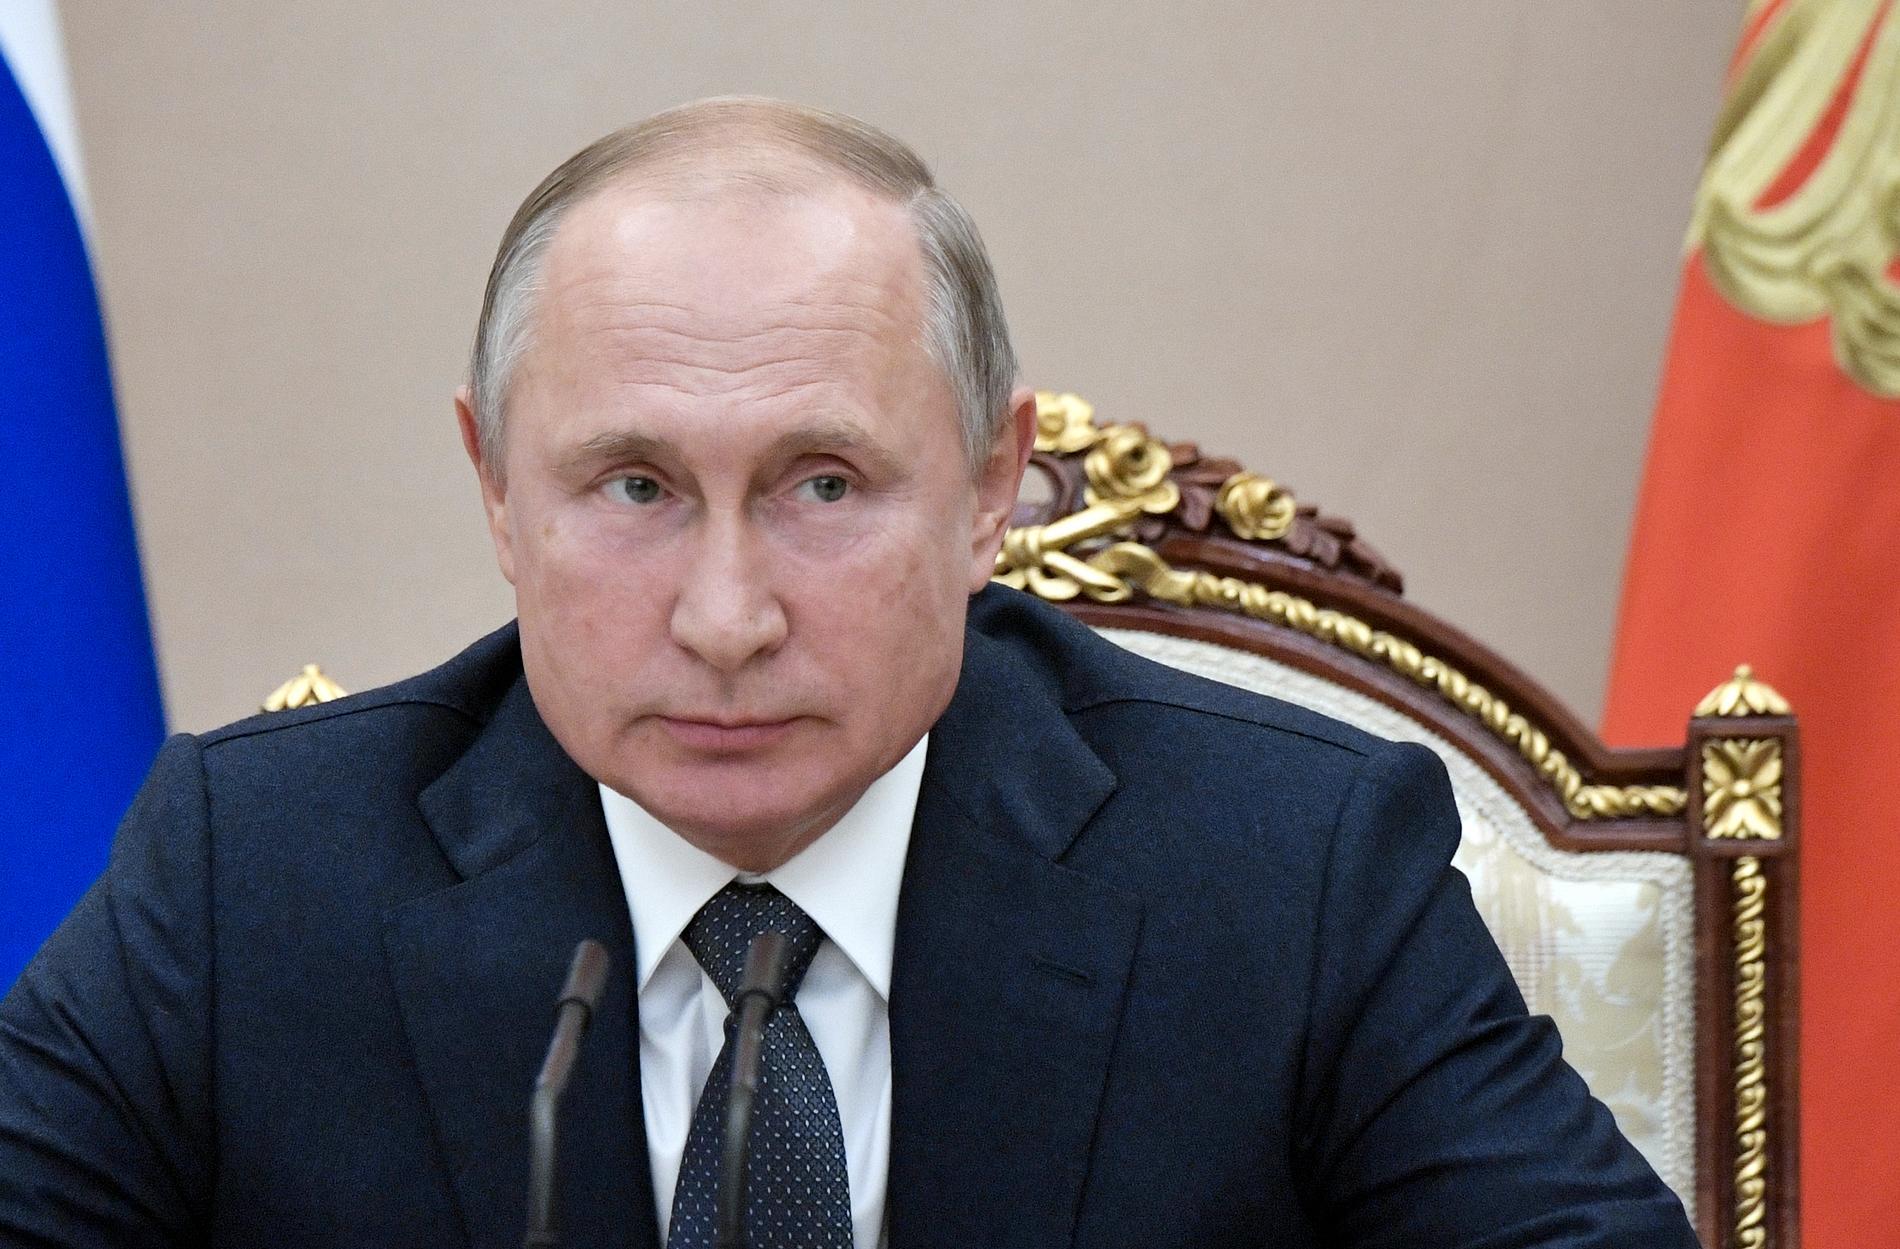 """Wolfgang Hansson: """"Precis som i så många tidigare fall av förgiftade Kreml-krtiker och """"förrädare"""" faller misstanken redan på president Vladimir Putin och hans närmaste omgivning."""""""